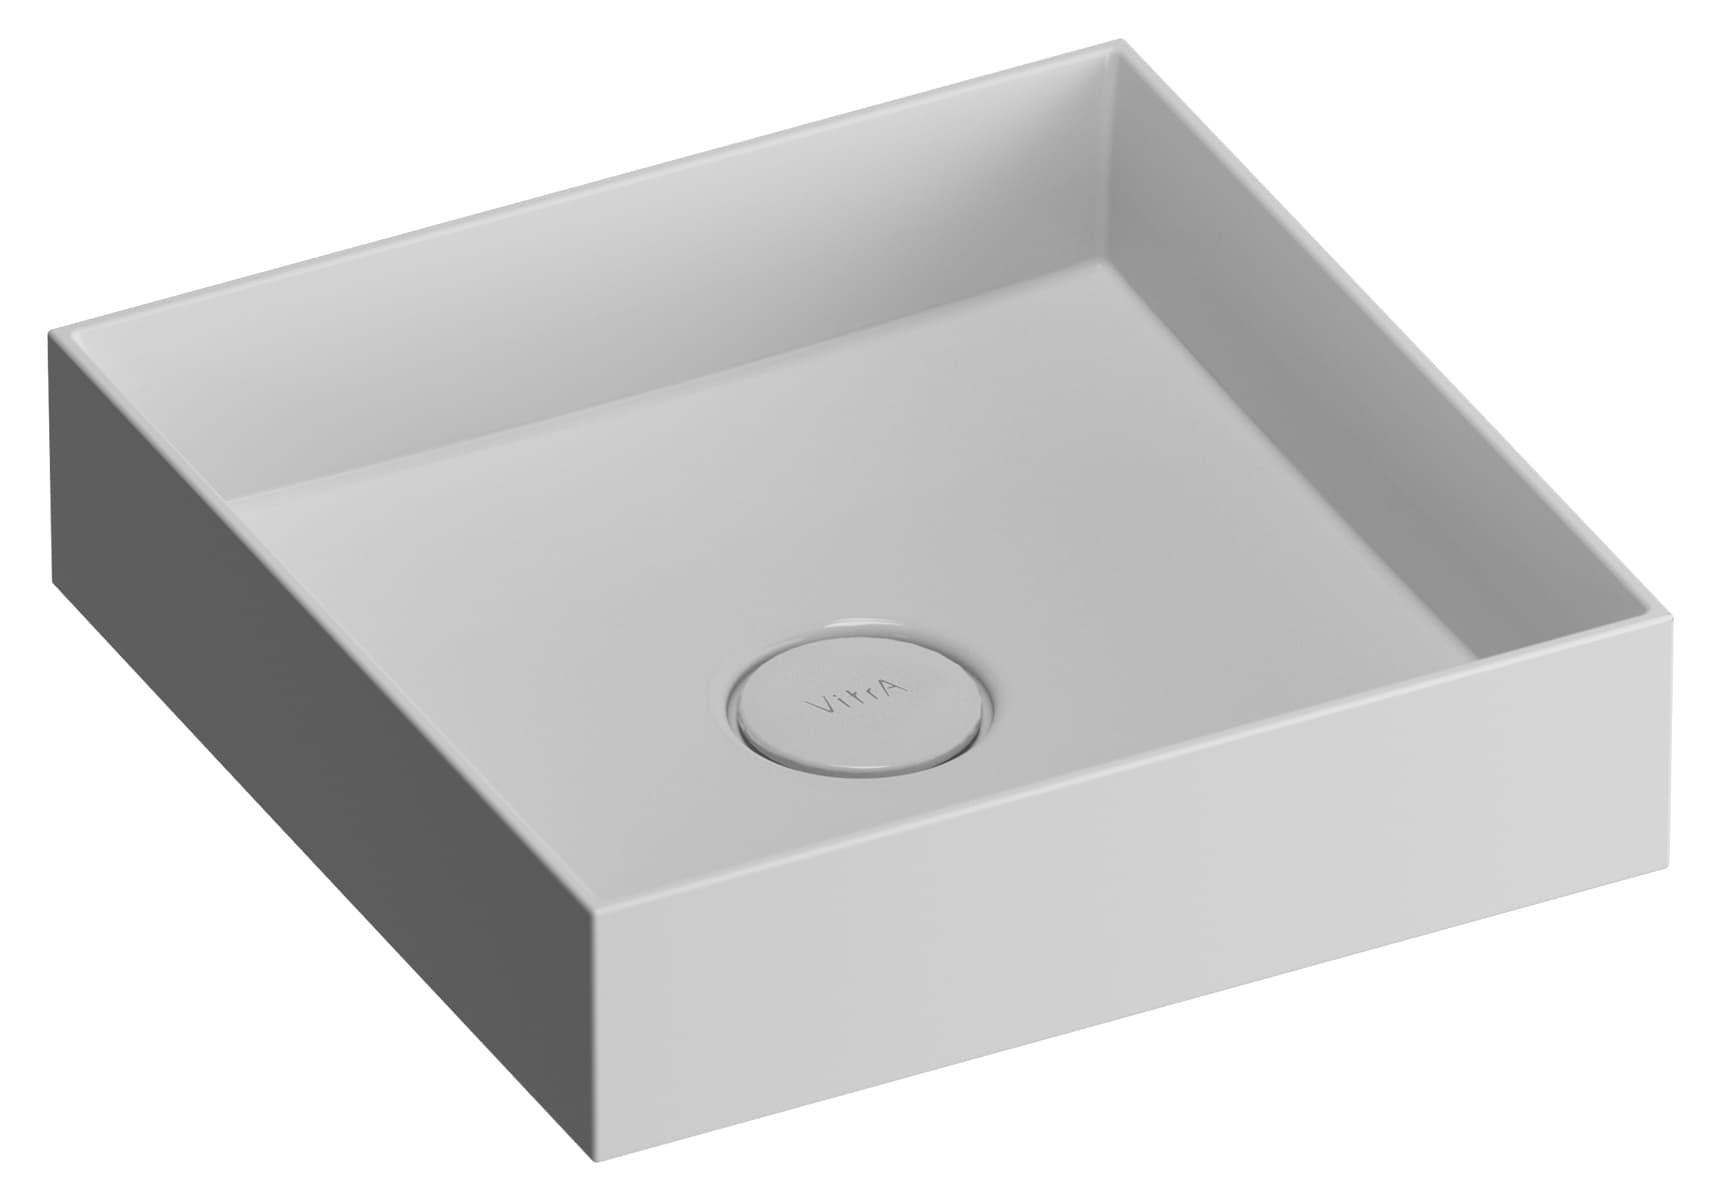 Memoria Square Bowl, 40 cm Infinit